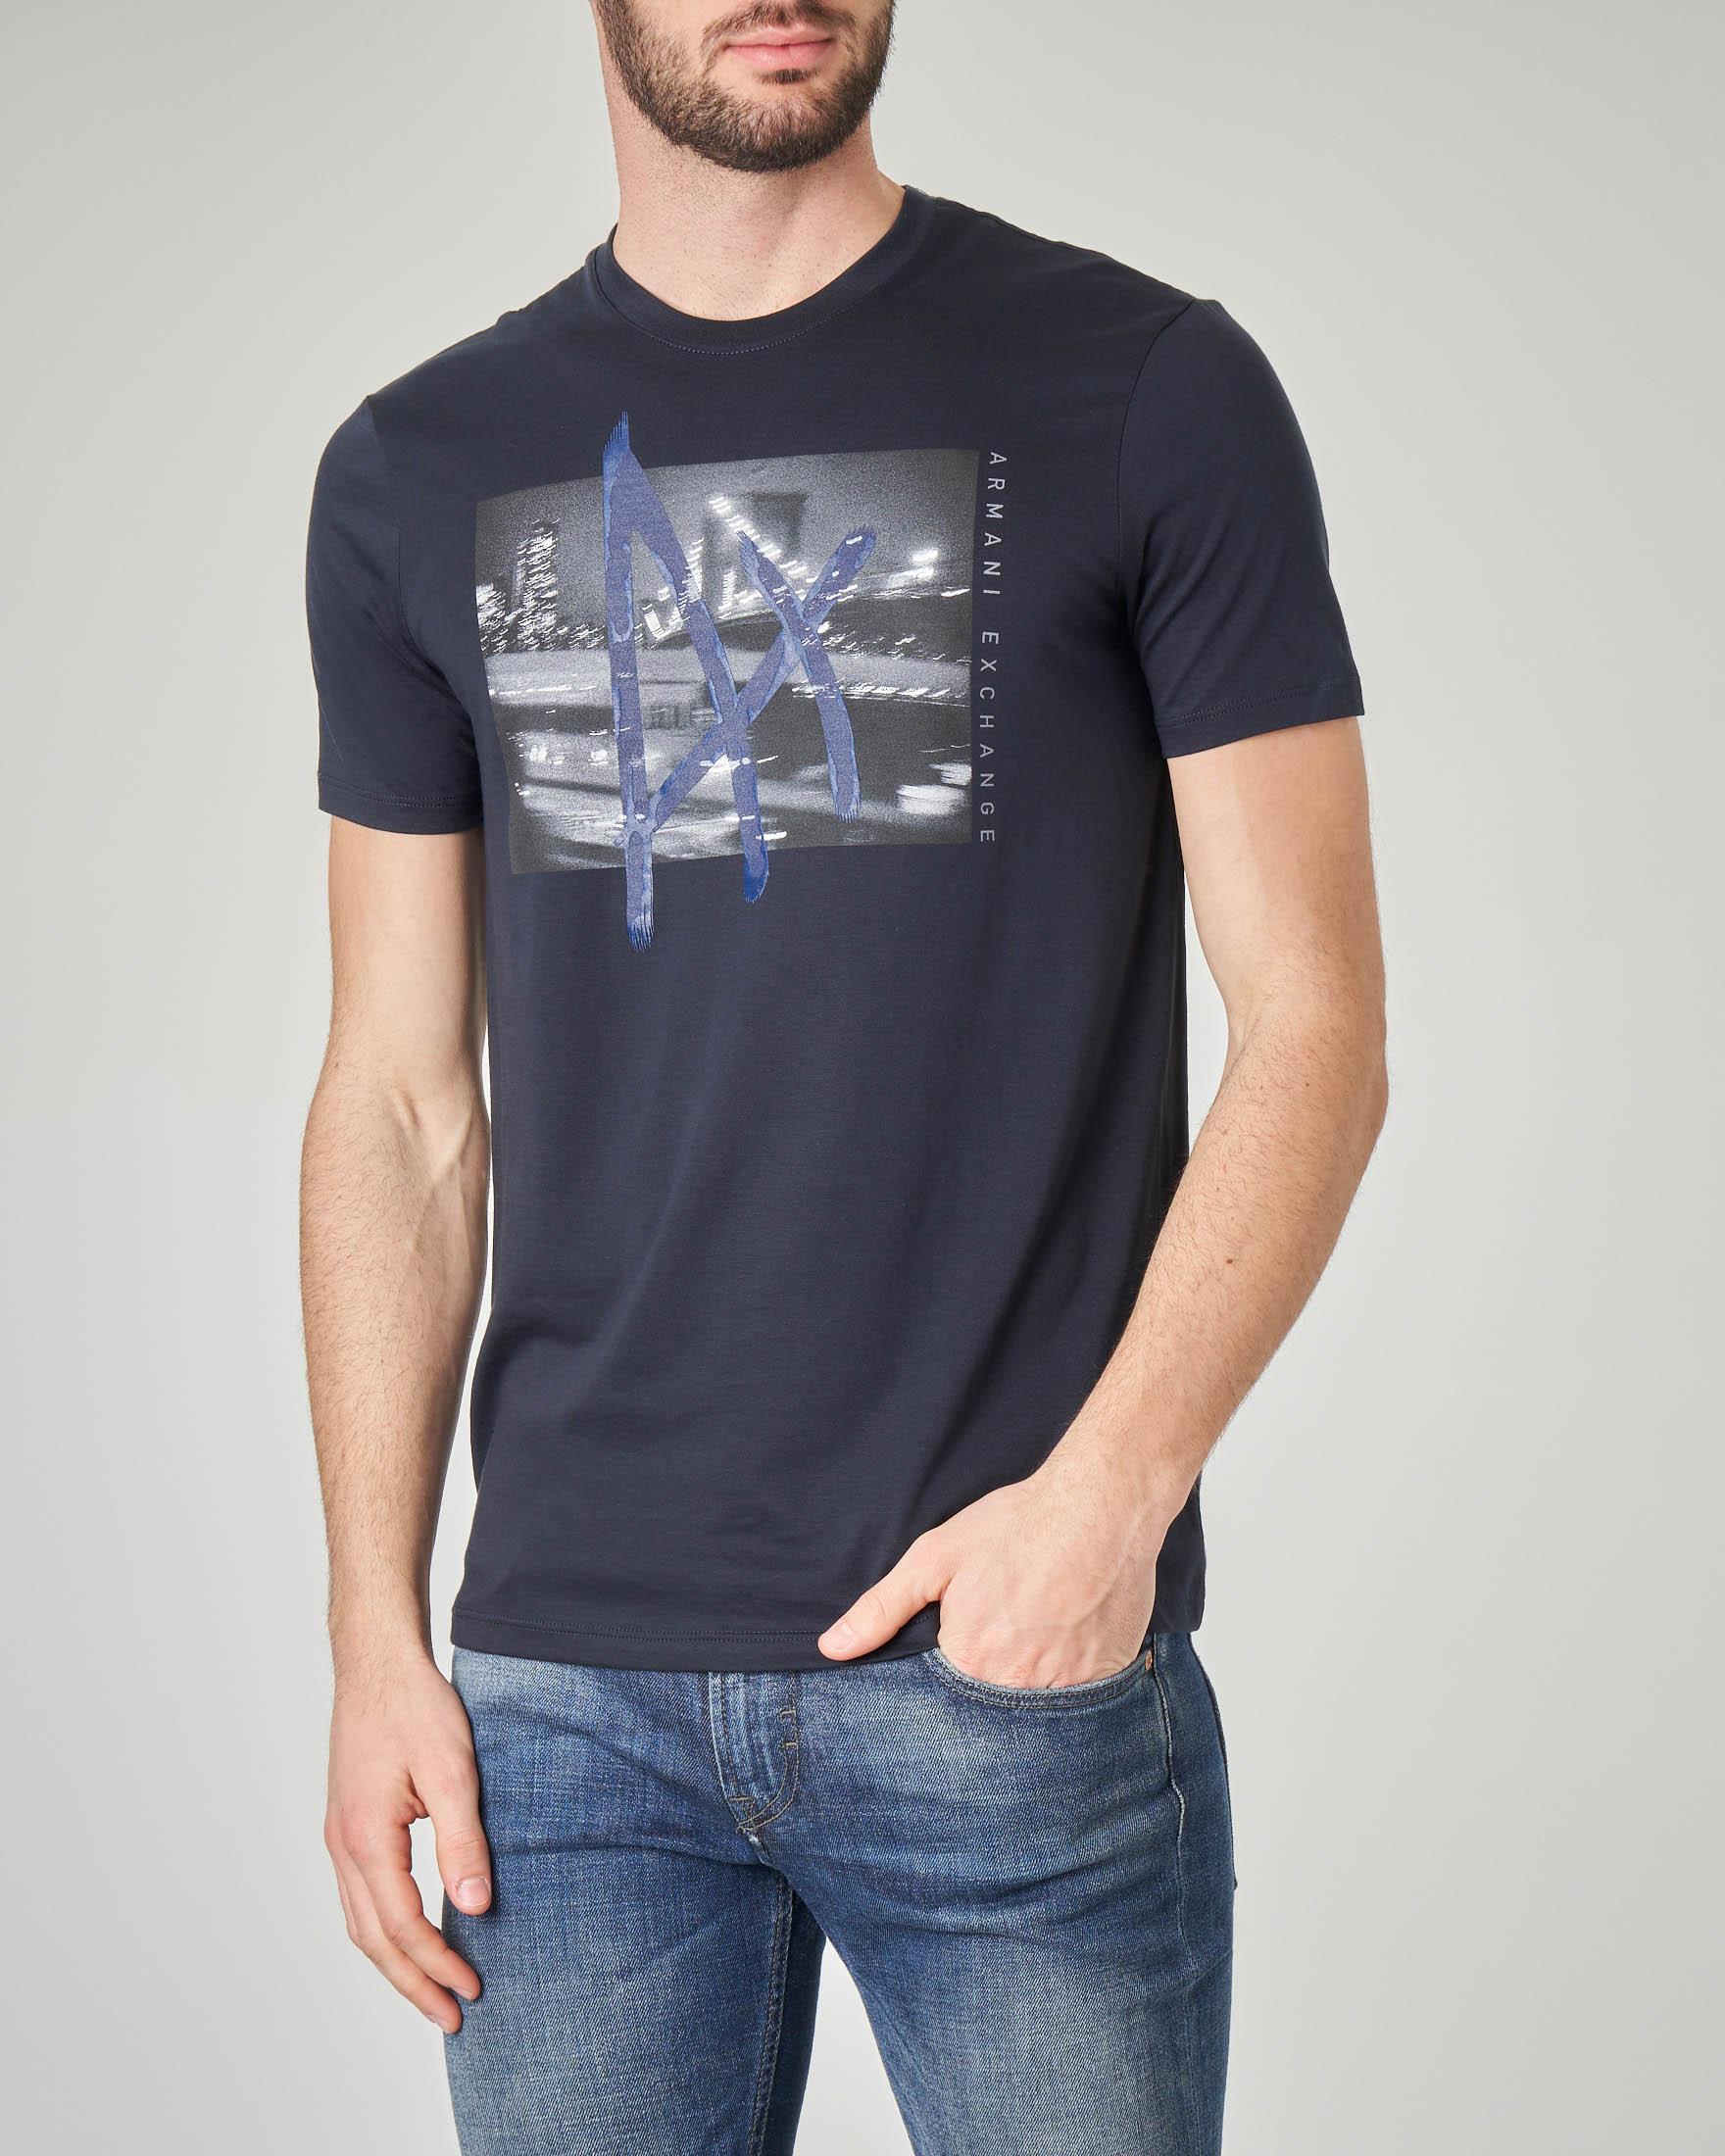 T-shirt blu con stampa fotografica e logo